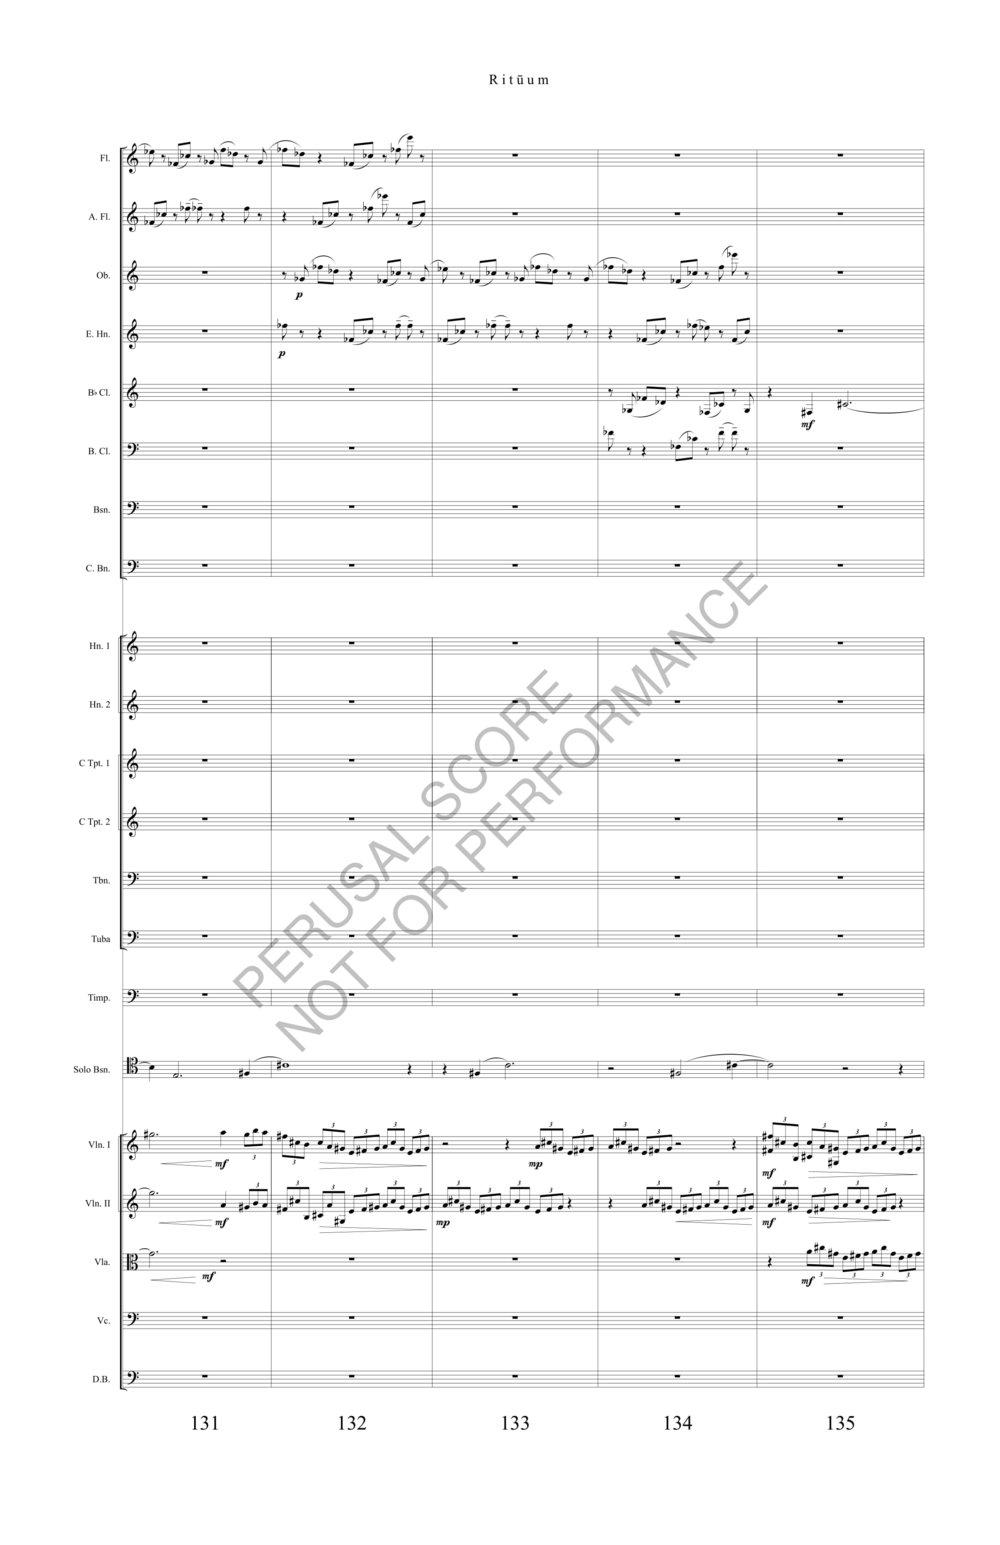 Boyd Rituum Score-watermark (1)-33.jpg